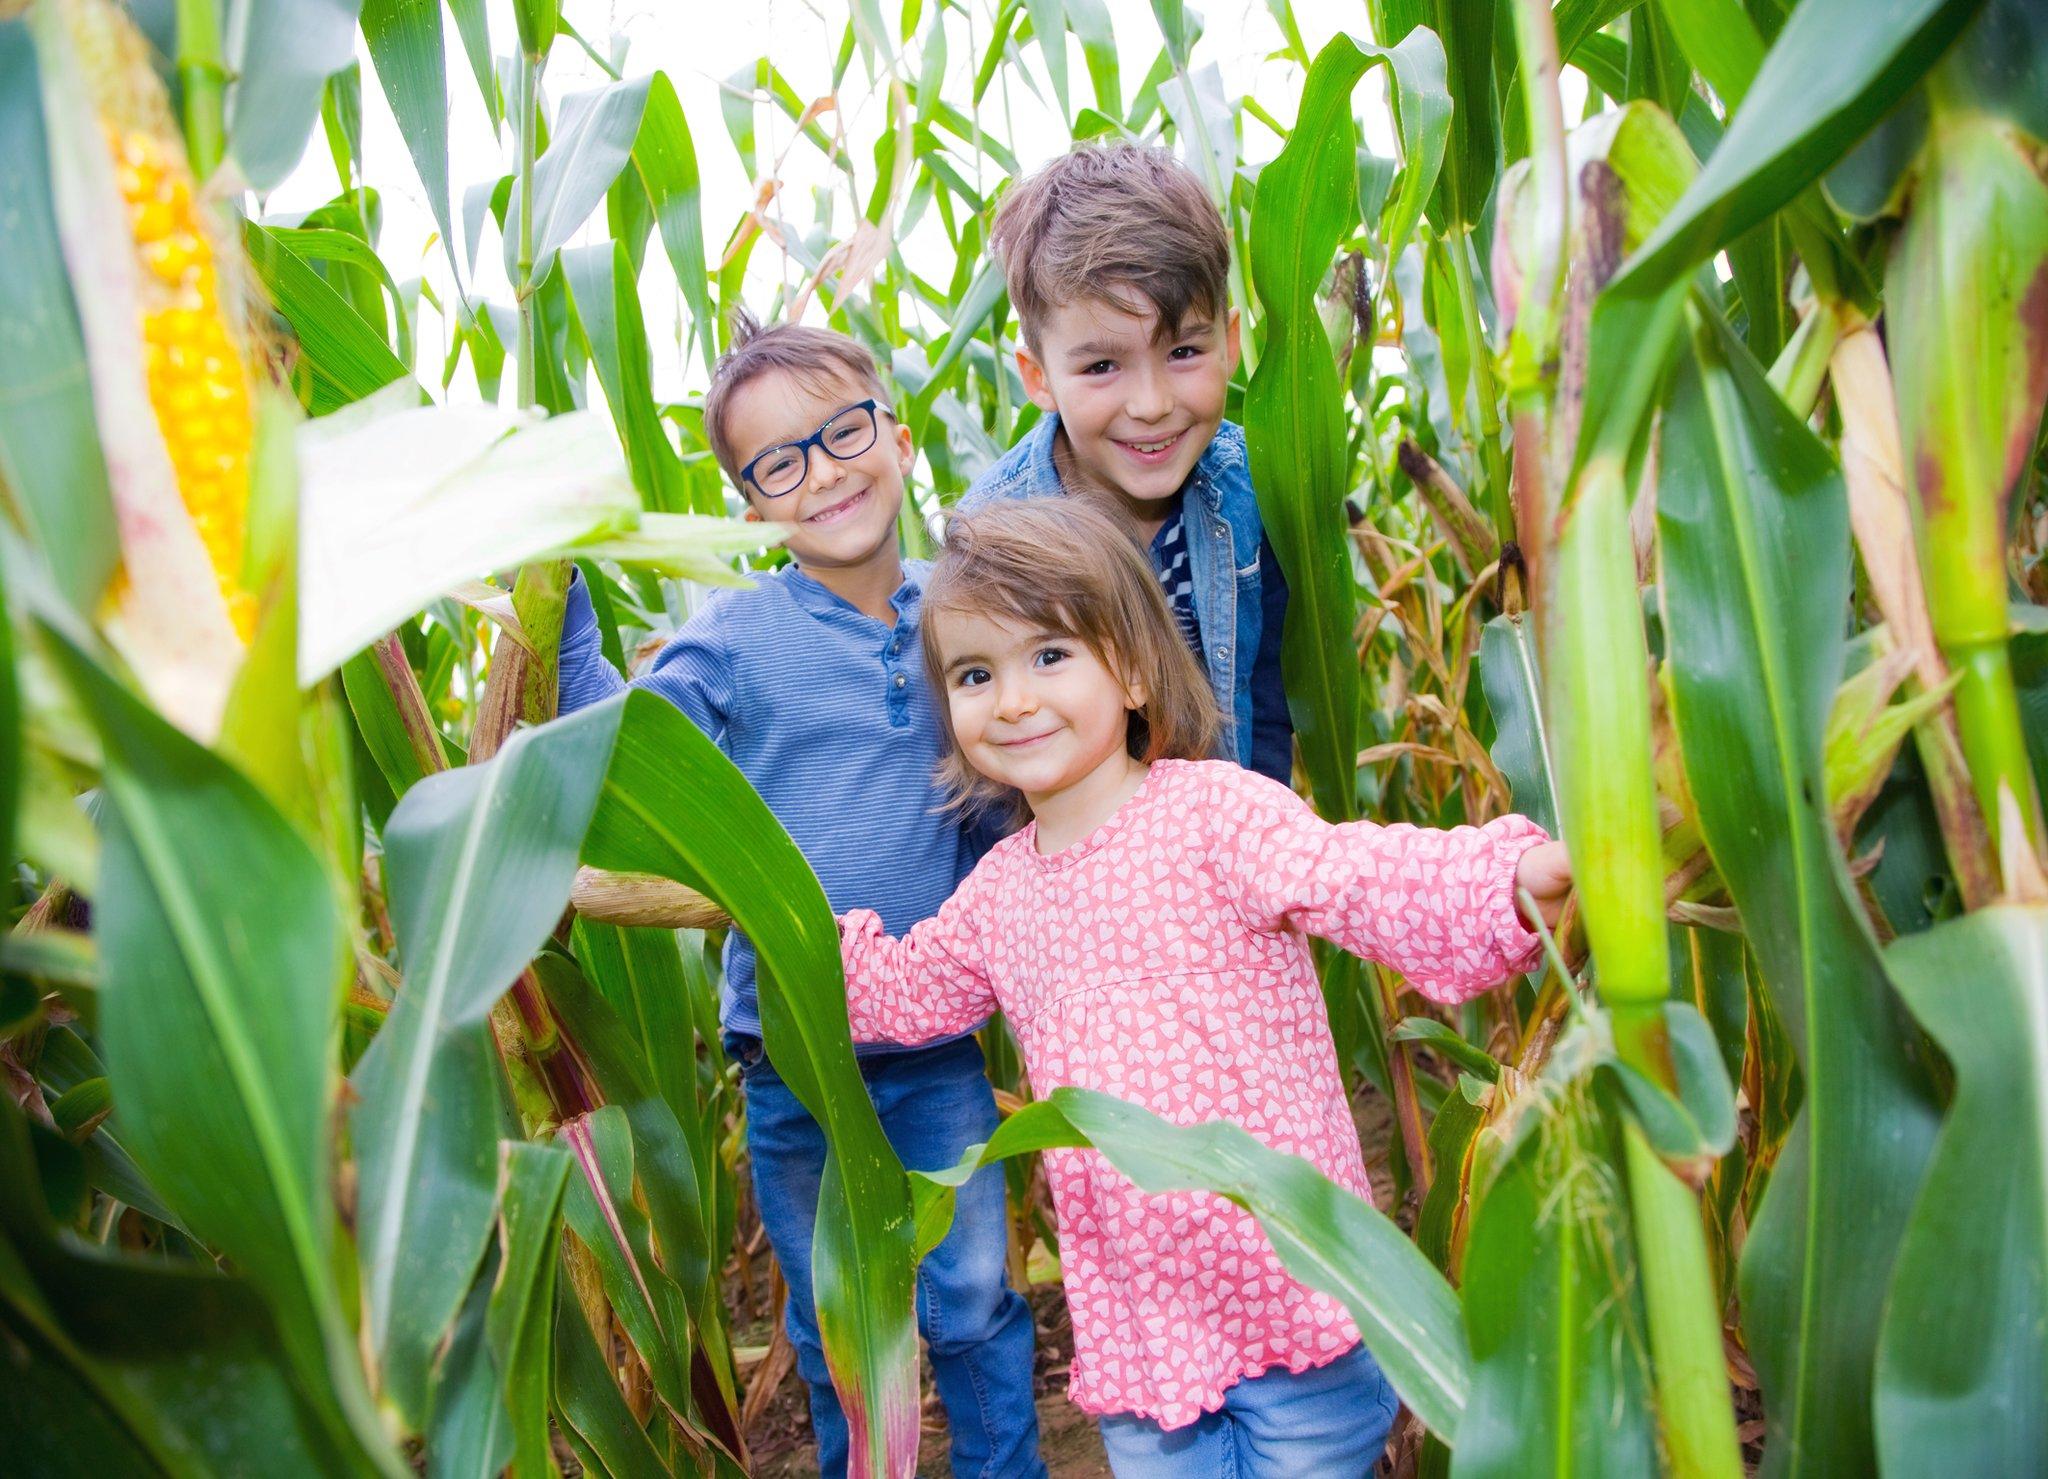 Seehof öffnet am 14. Juli wieder das Maislabyrinth: Spiel und Spaß ...